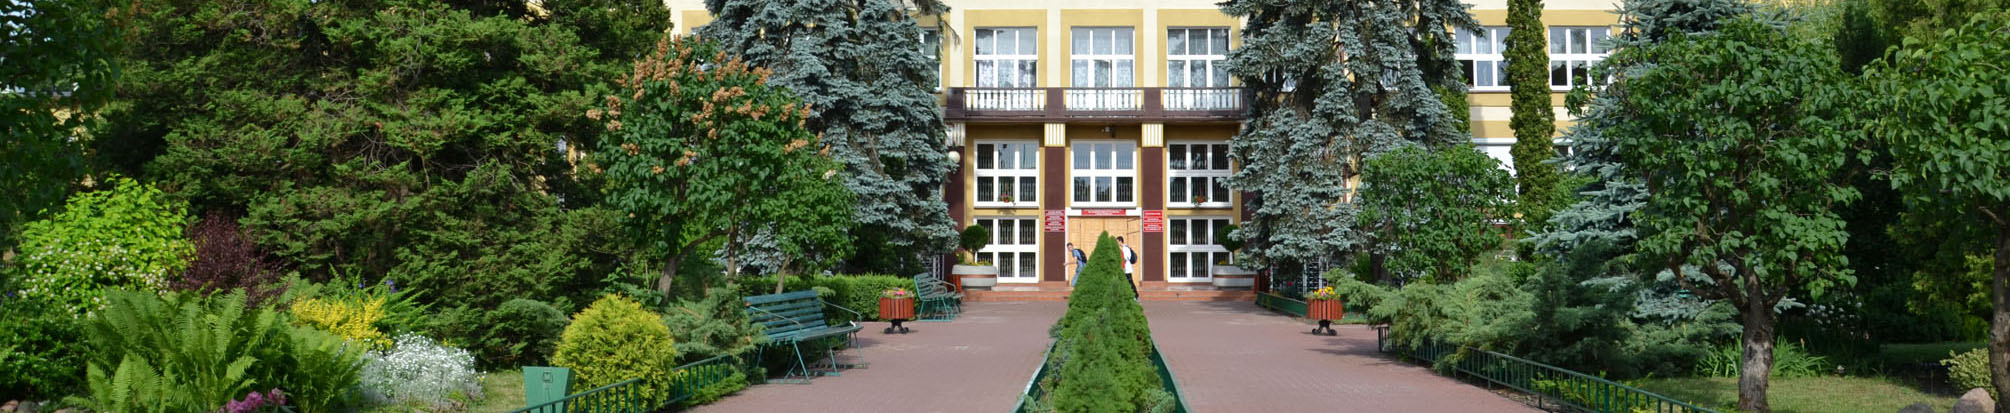 zsz1.edu.pl